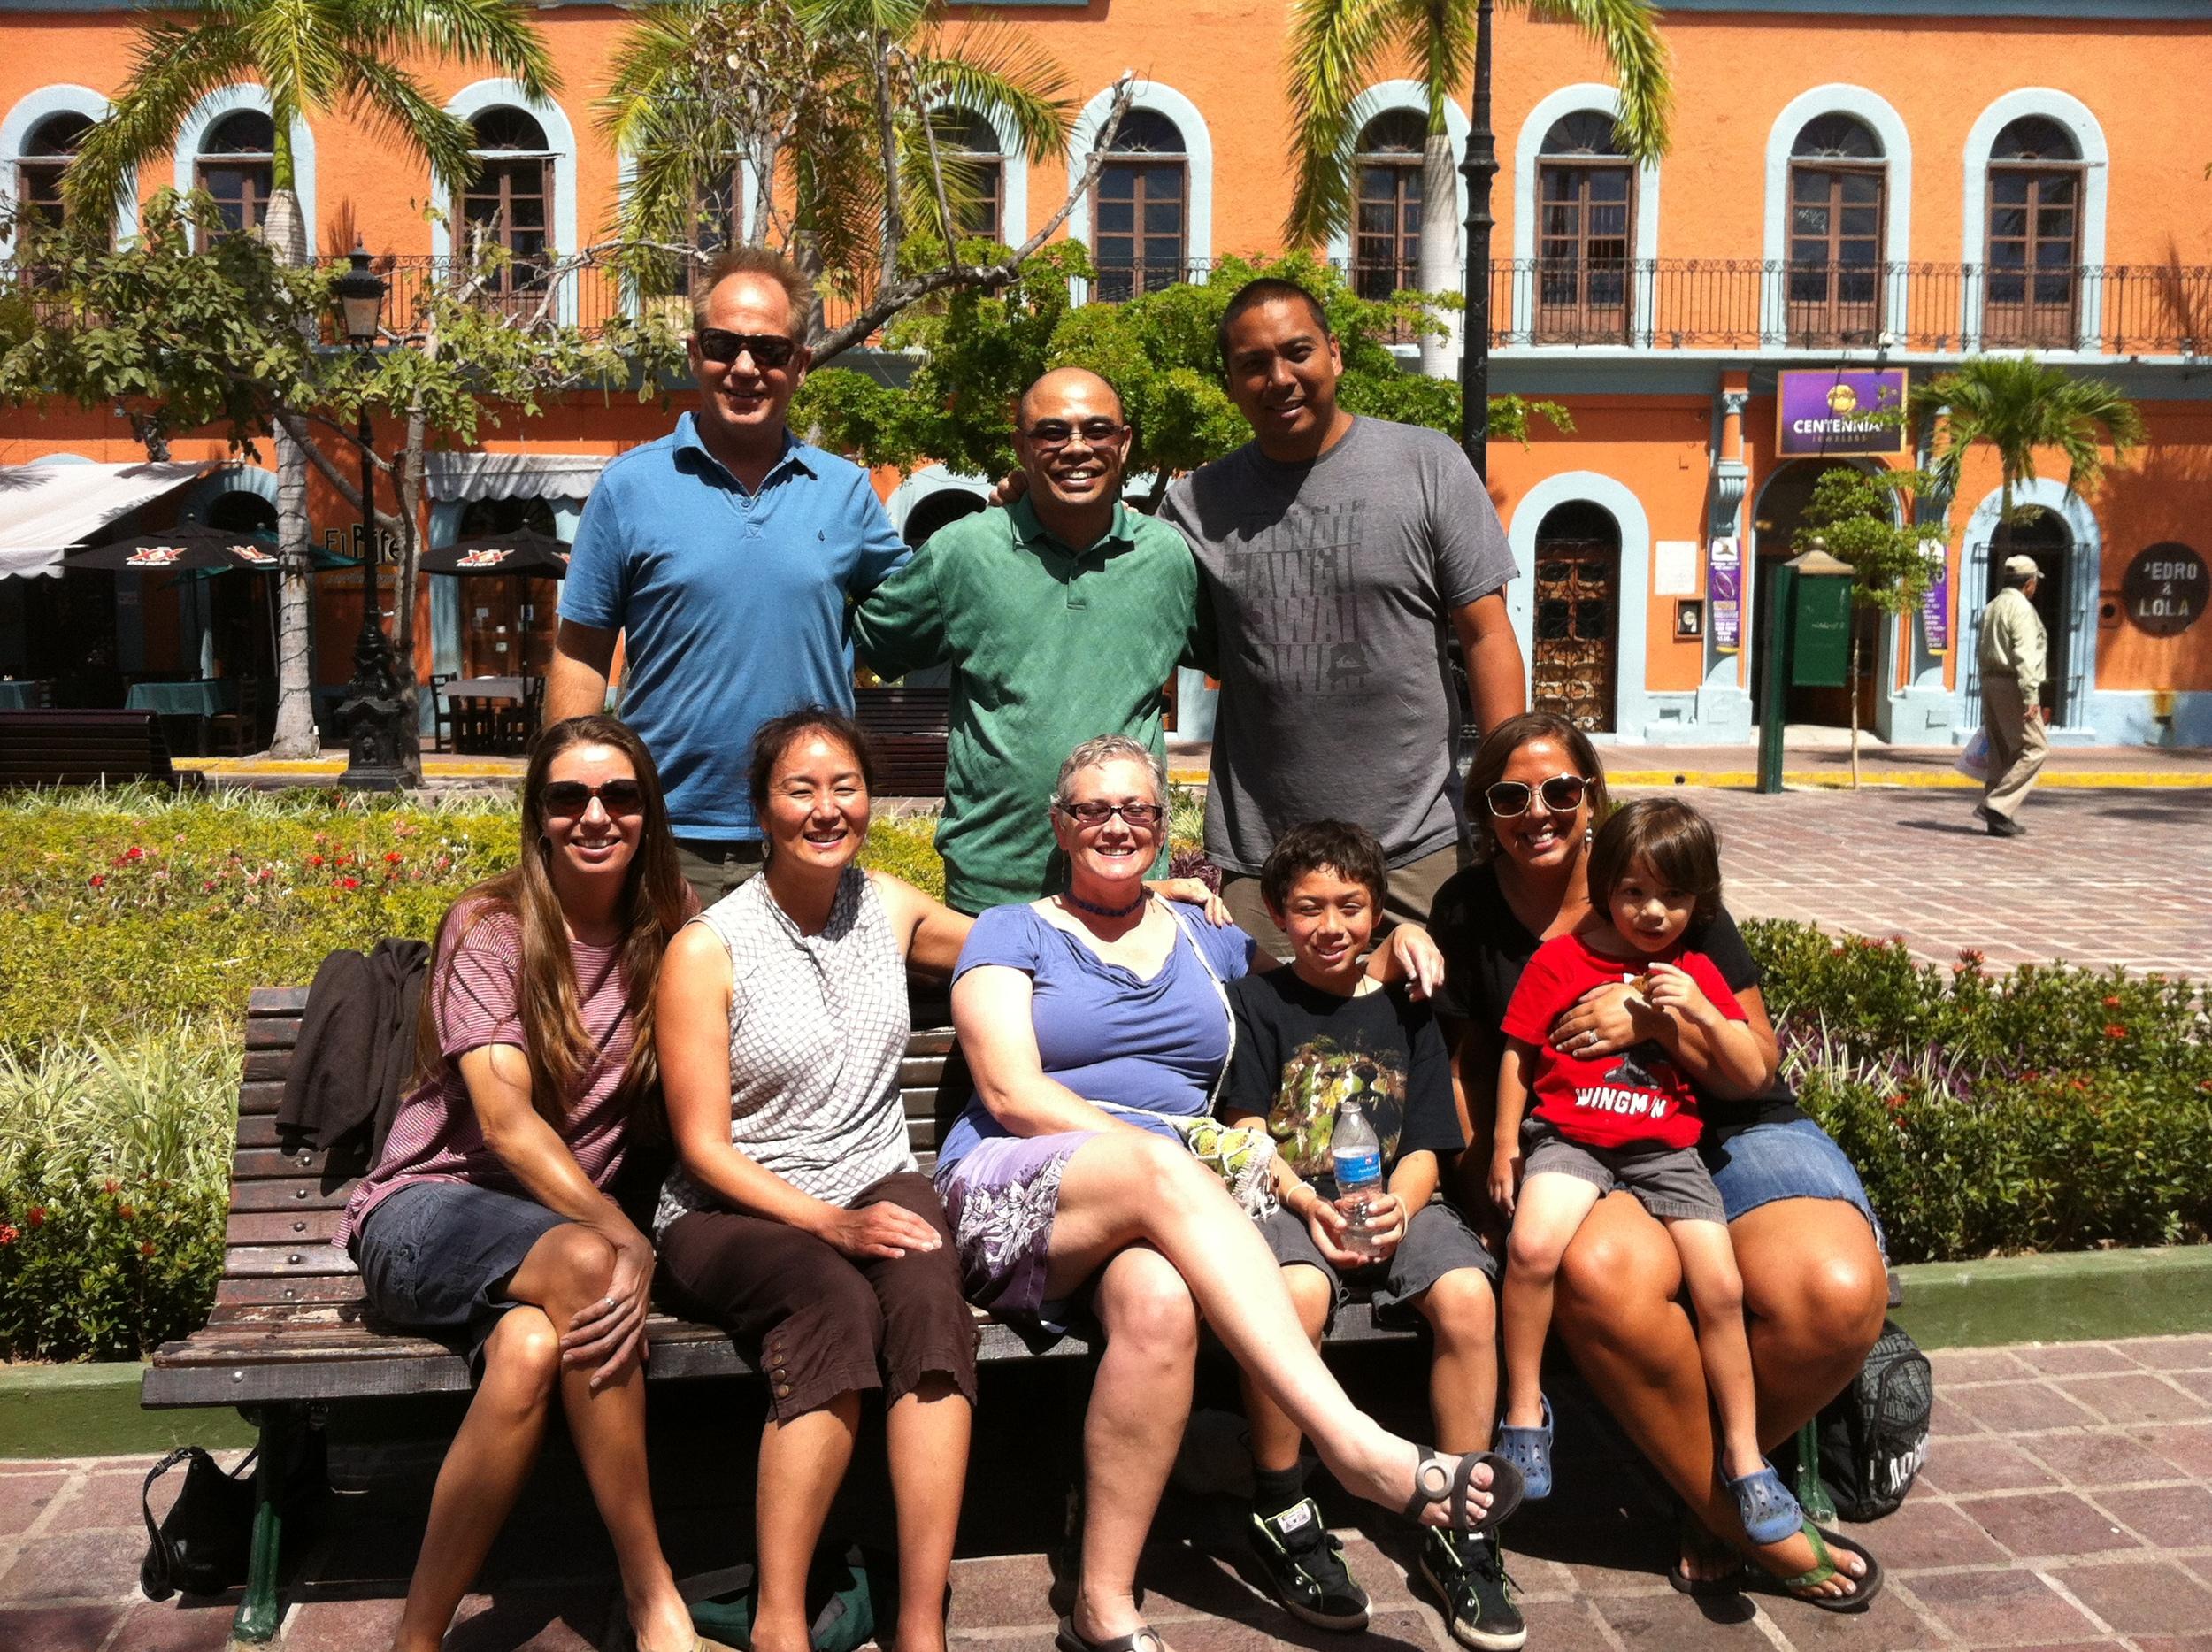 Group photo in the Plazuela Machado